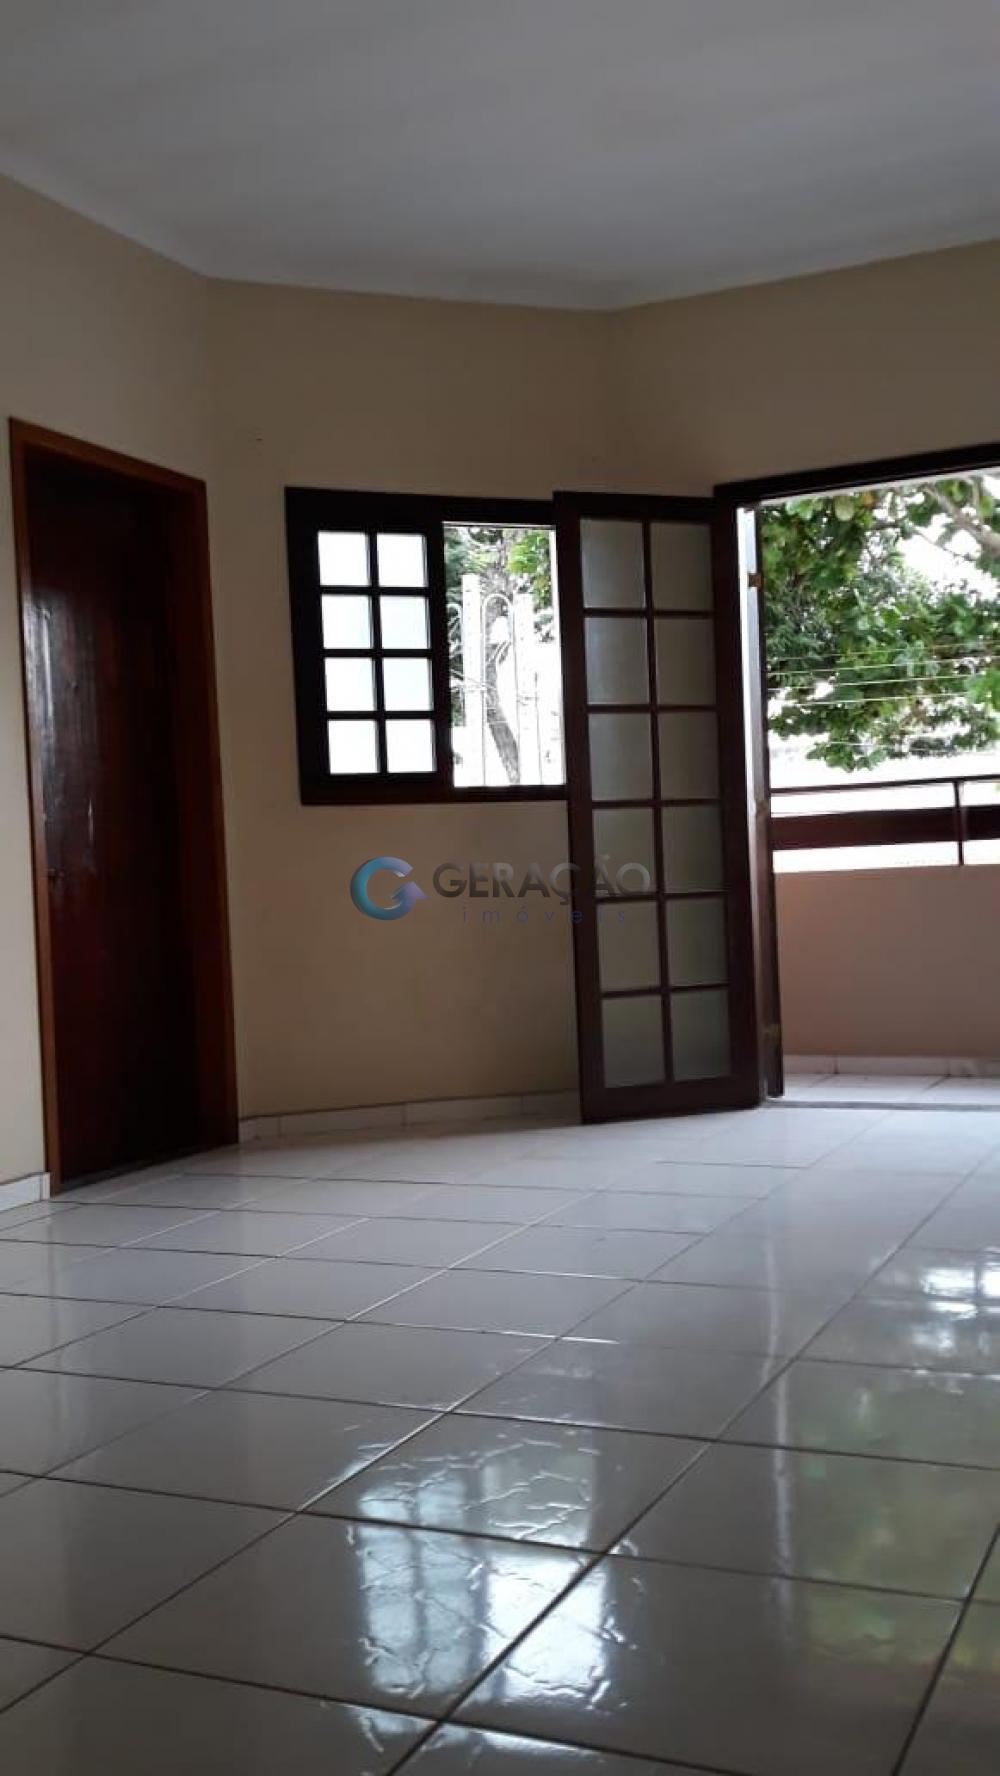 Comprar Casa / Sobrado em São José dos Campos R$ 488.000,00 - Foto 7